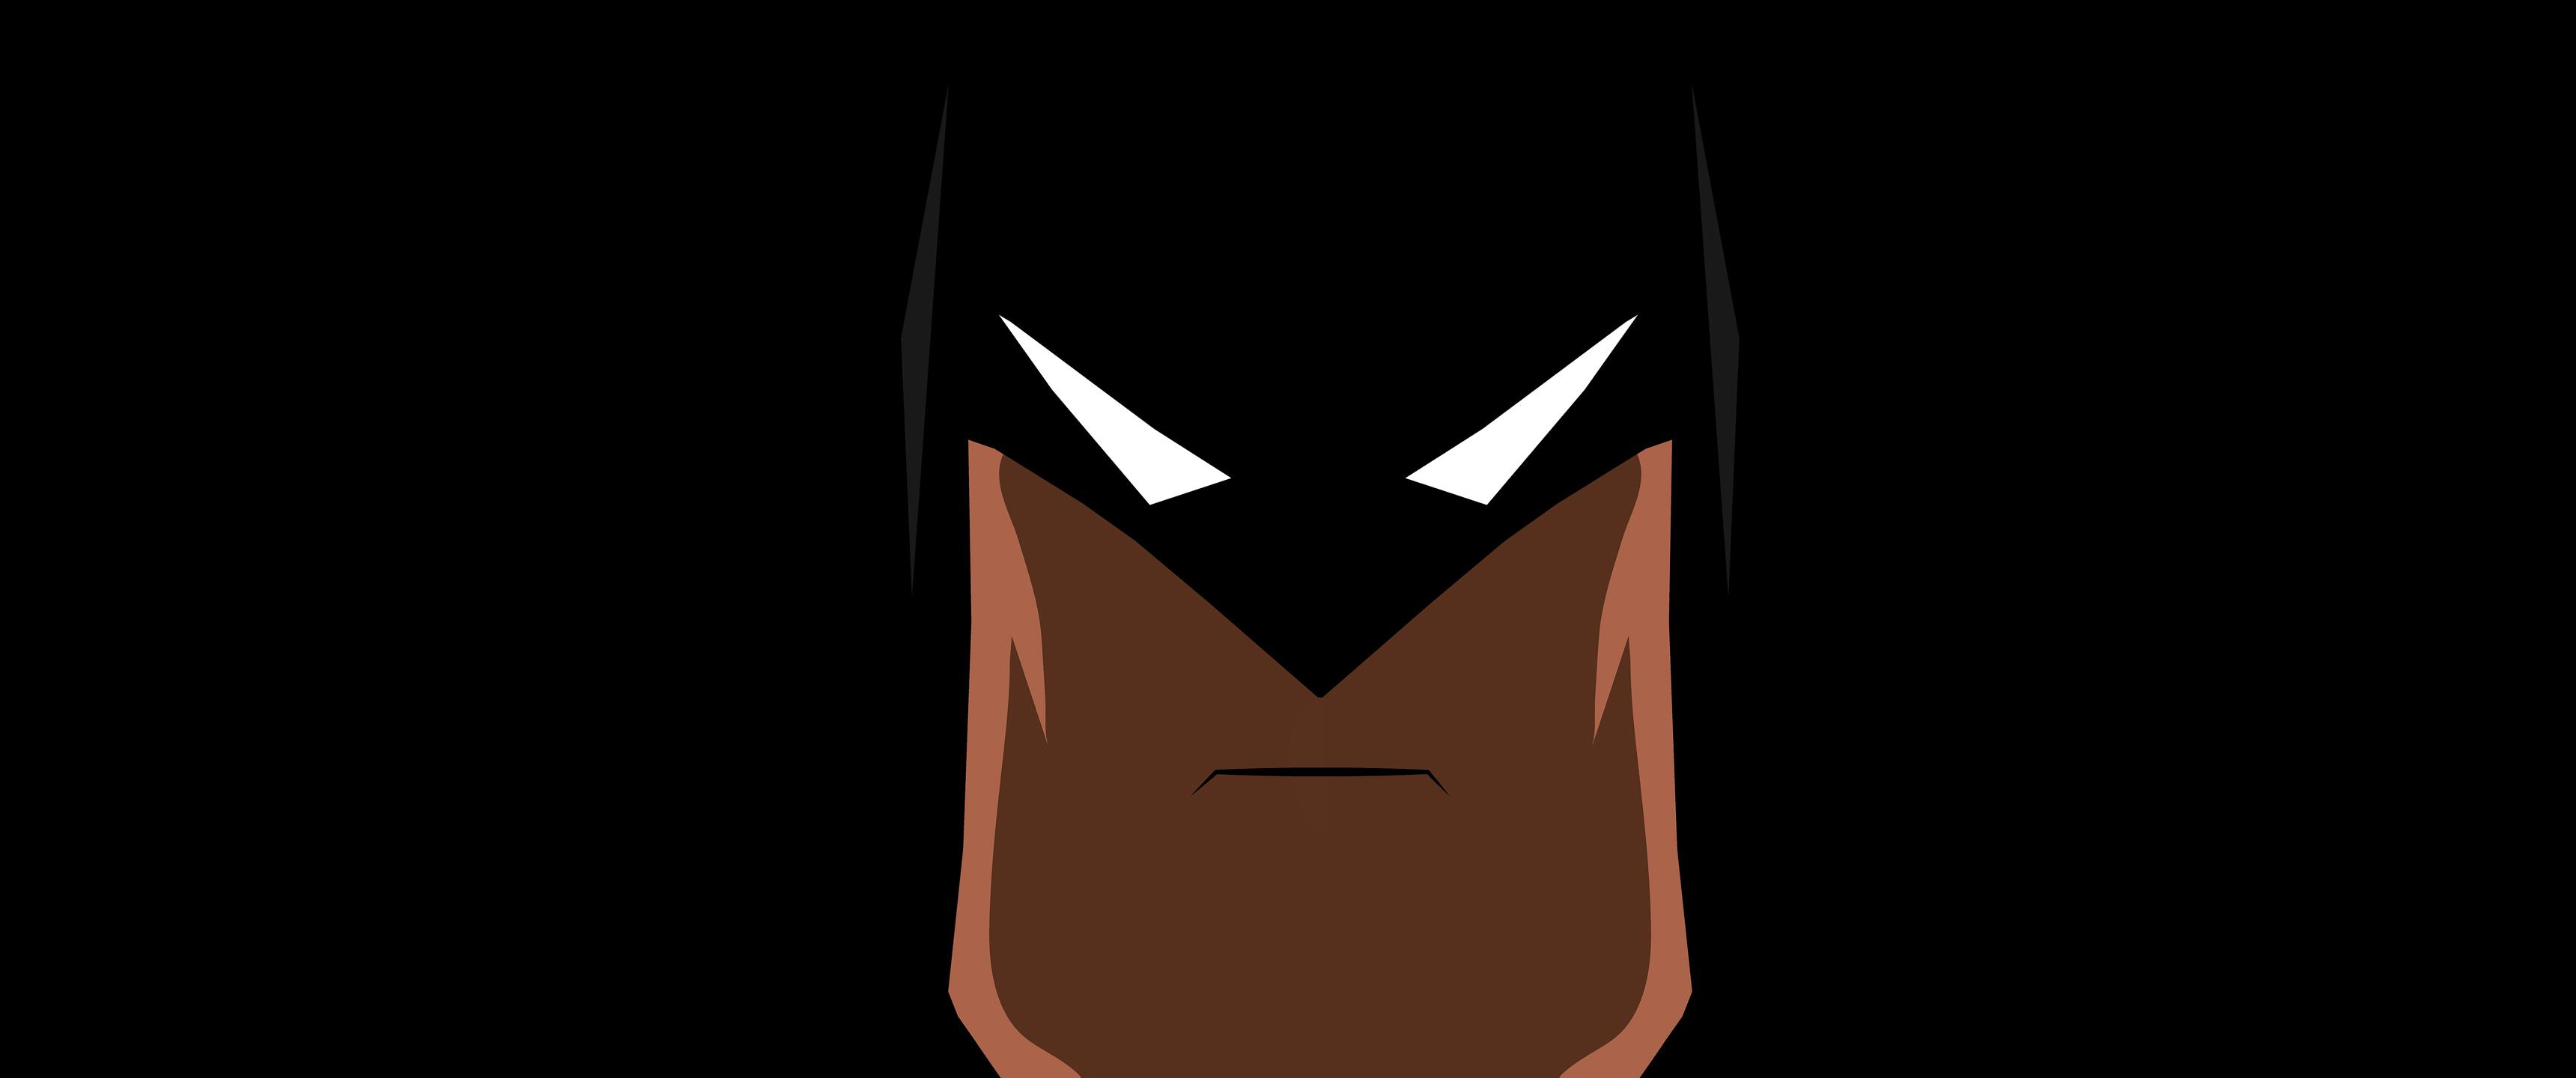 蝙蝠侠简约3440x1440壁纸